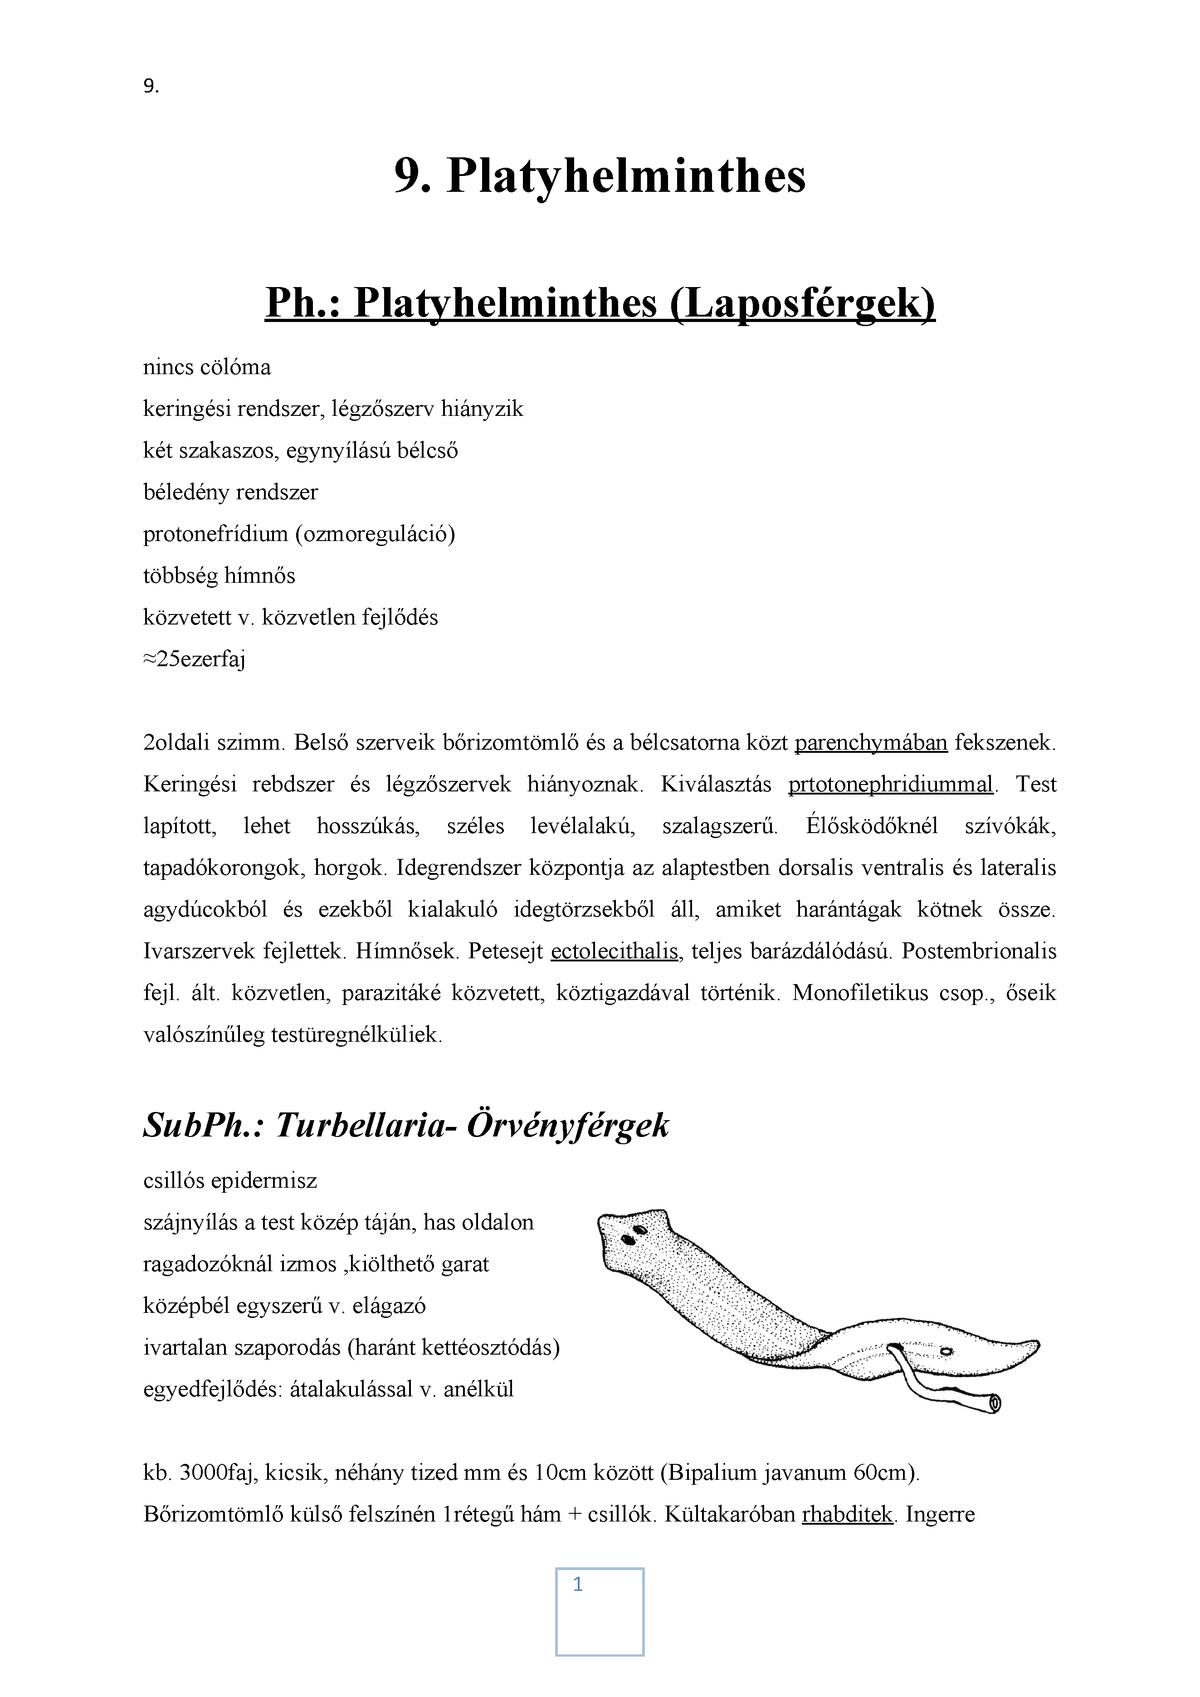 A pinworm fertőzés leggyakrabban lehetséges